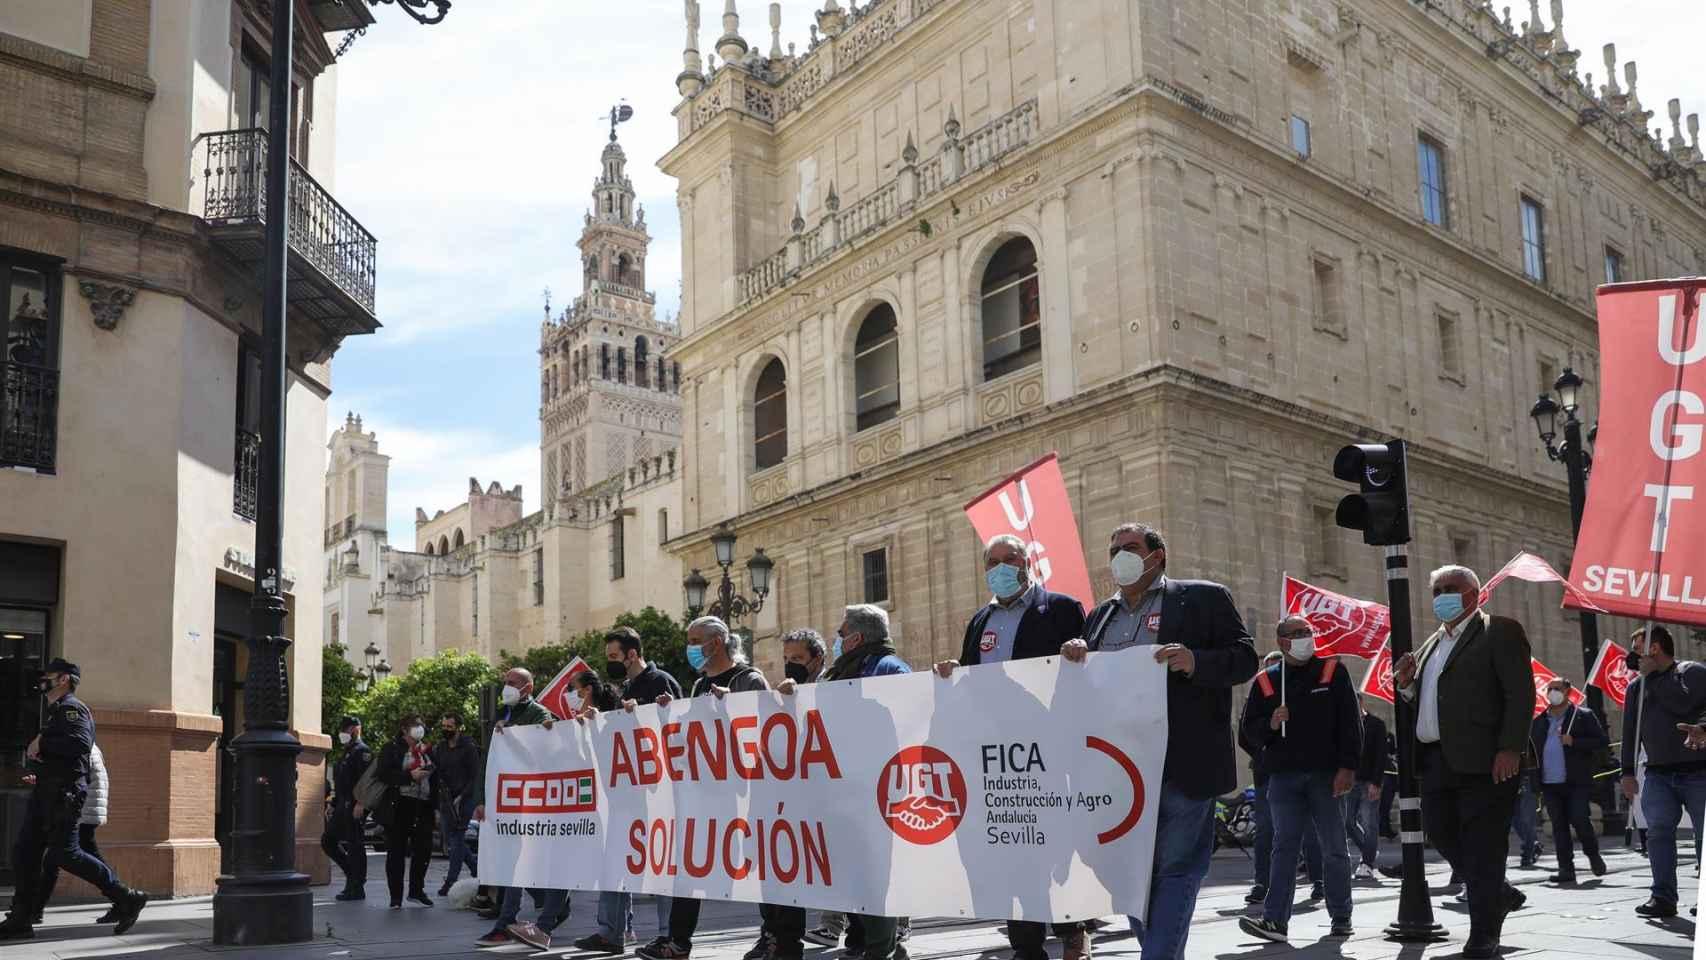 Imagen de archivo de una manifestación de los trabajadores de Abengoa en el centro de la ciudad de Sevilla.